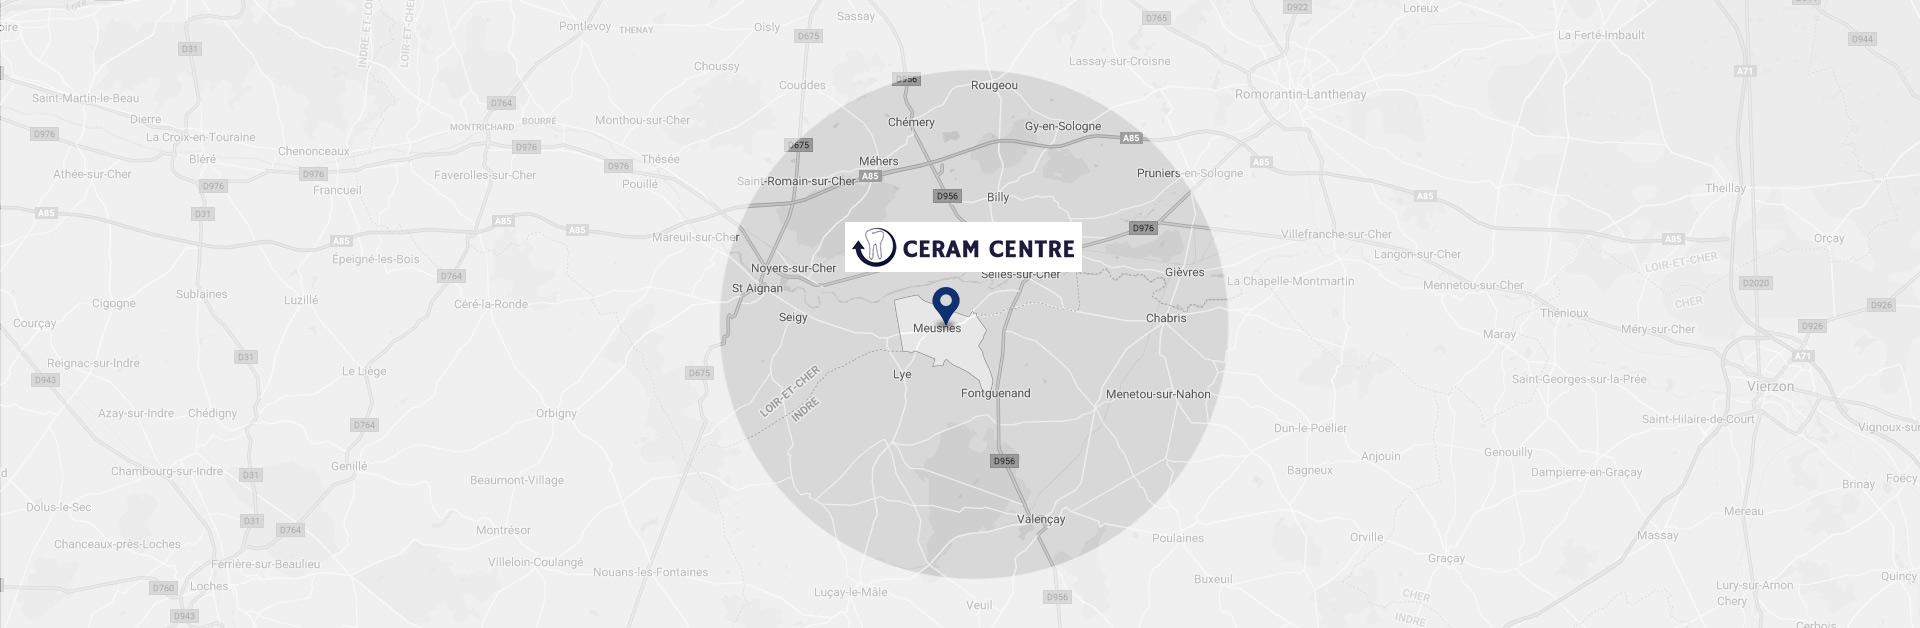 notre expérience au service des cabinets dentaires dans le Loir-et-Cher